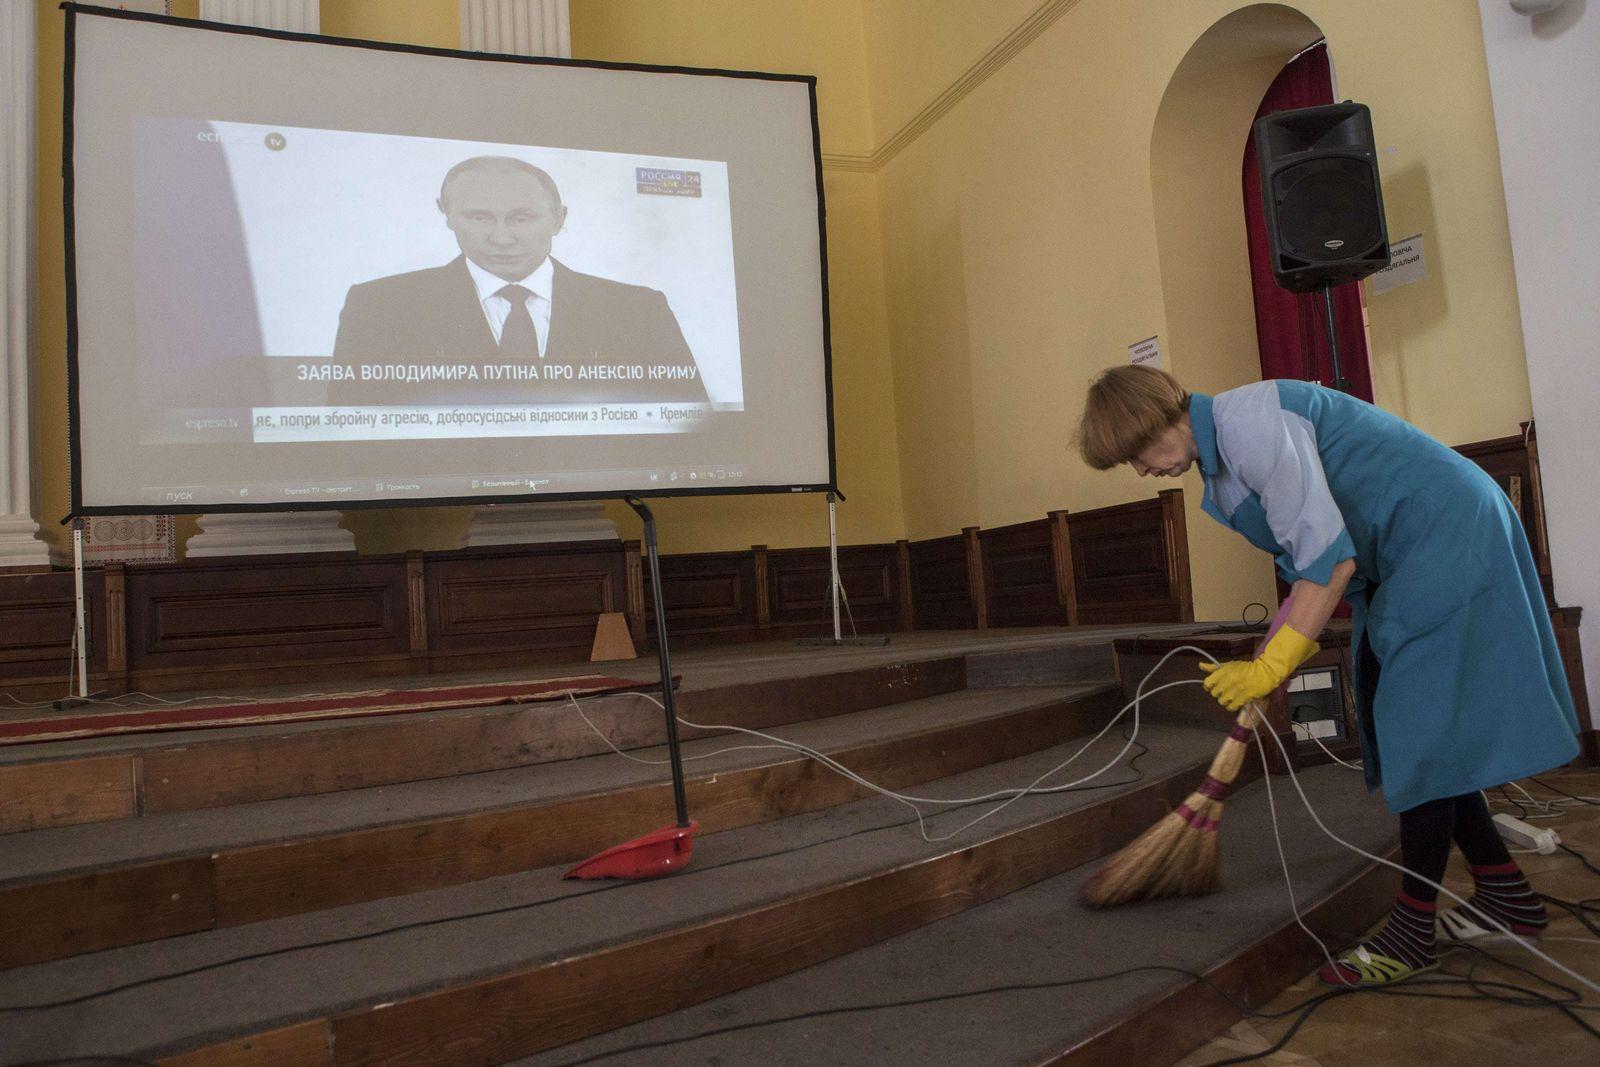 Ukraine Putin TV